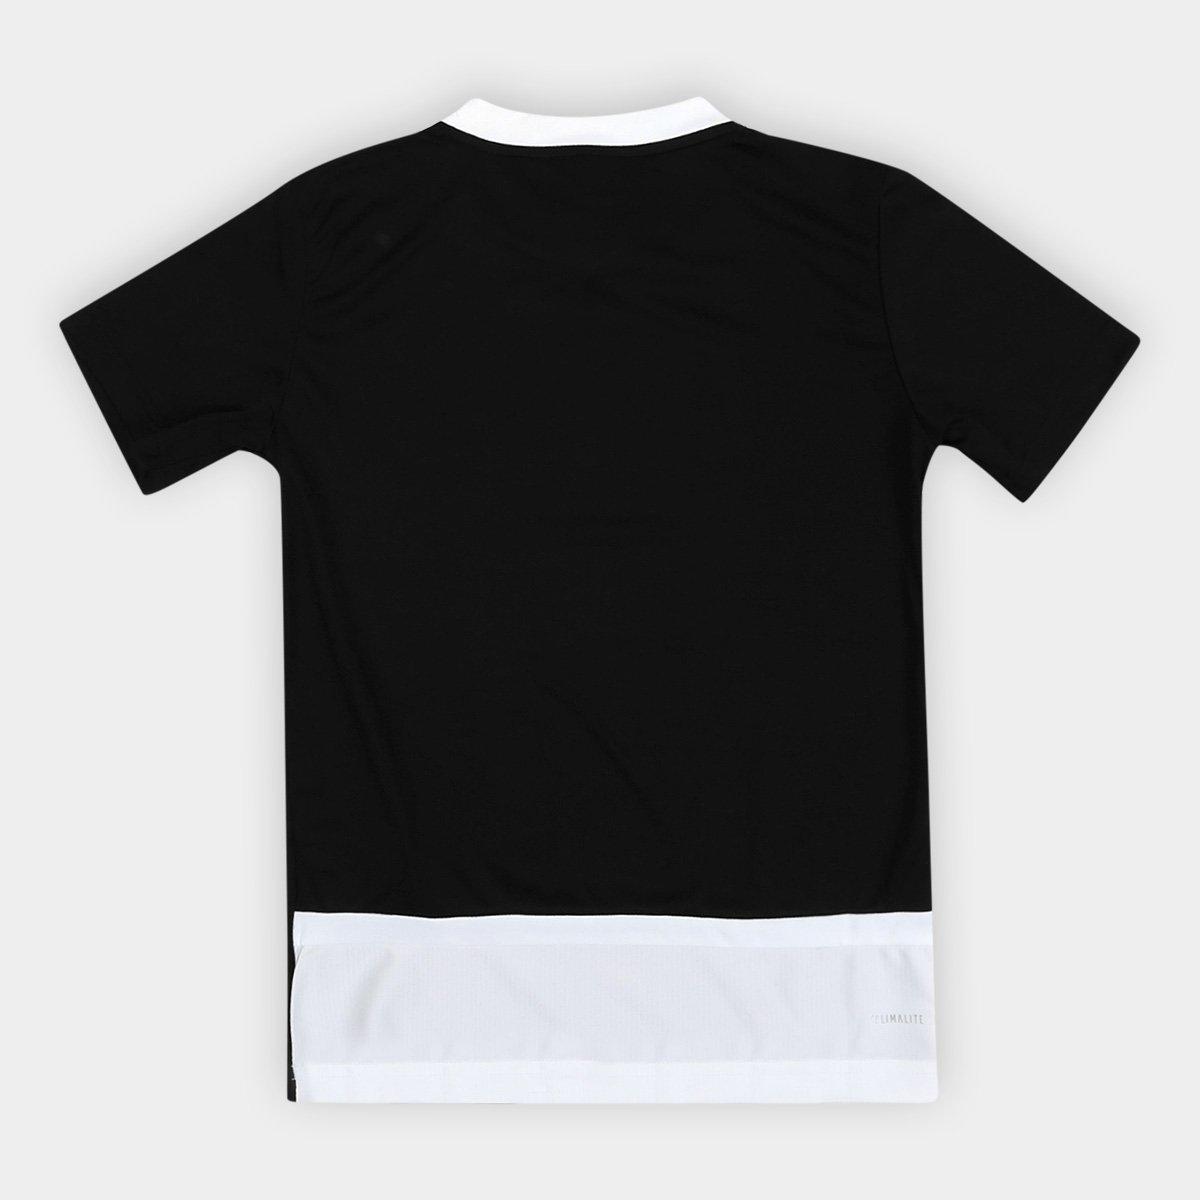 571d62ac90 Camiseta Adidas B Club Proteção UV Infantil Masculina - Preto ...